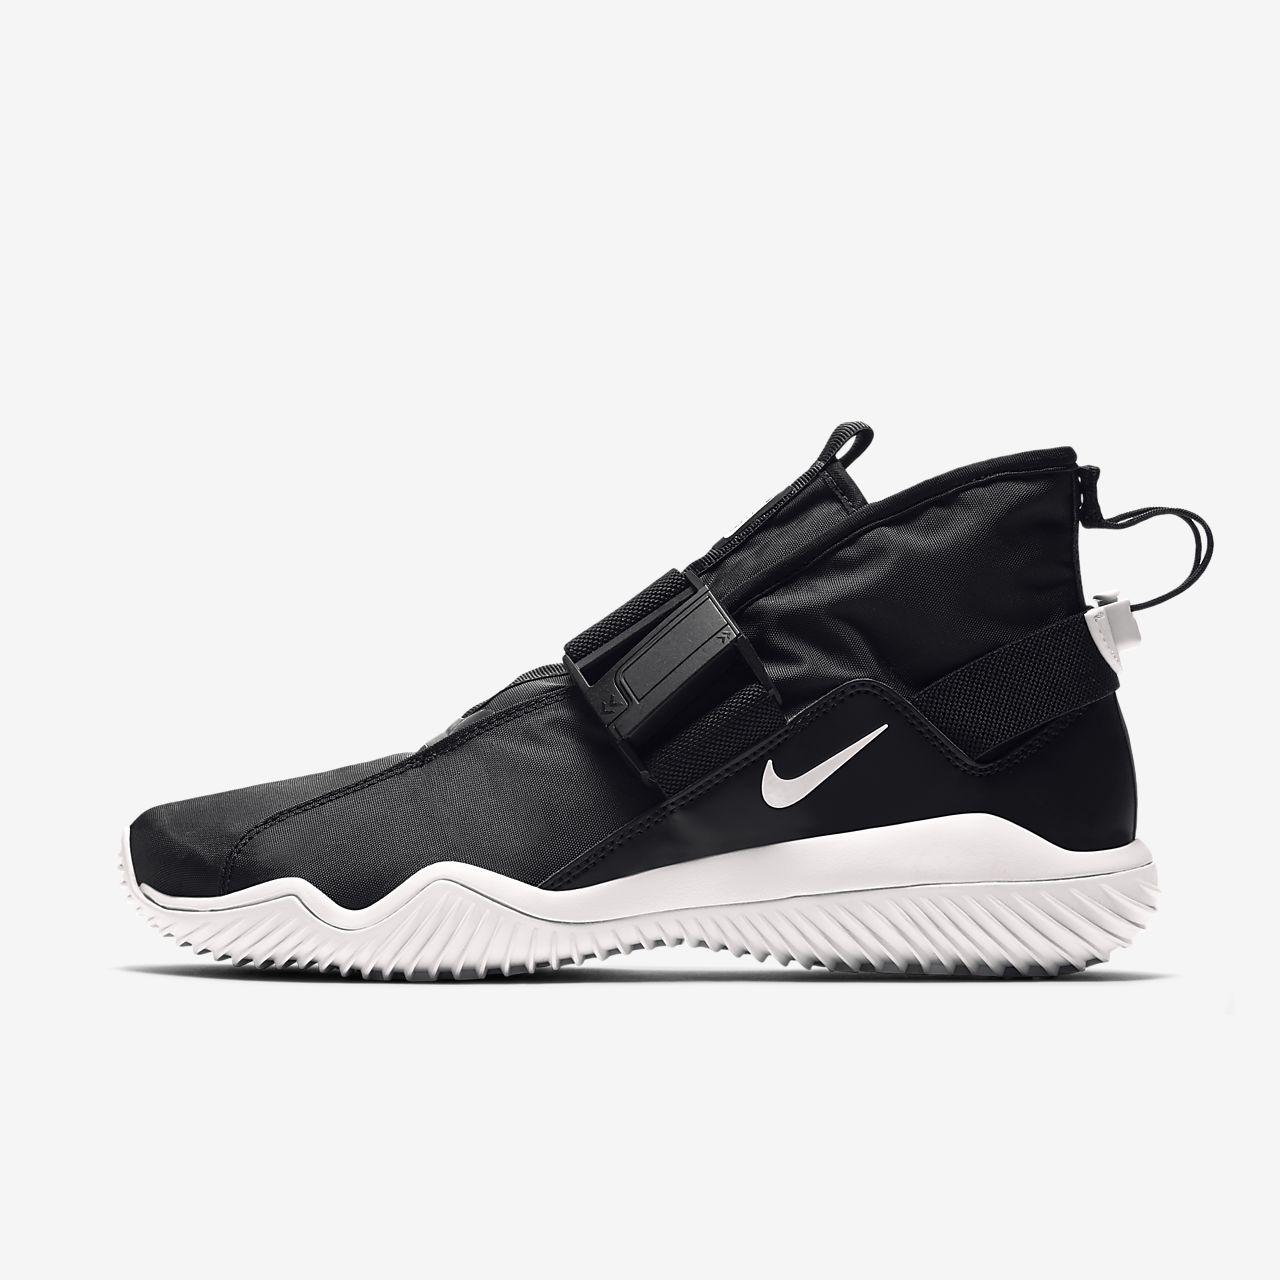 free shipping 37d0b eb8a3 Nike Komyuter Men s Shoe. Nike.com GB